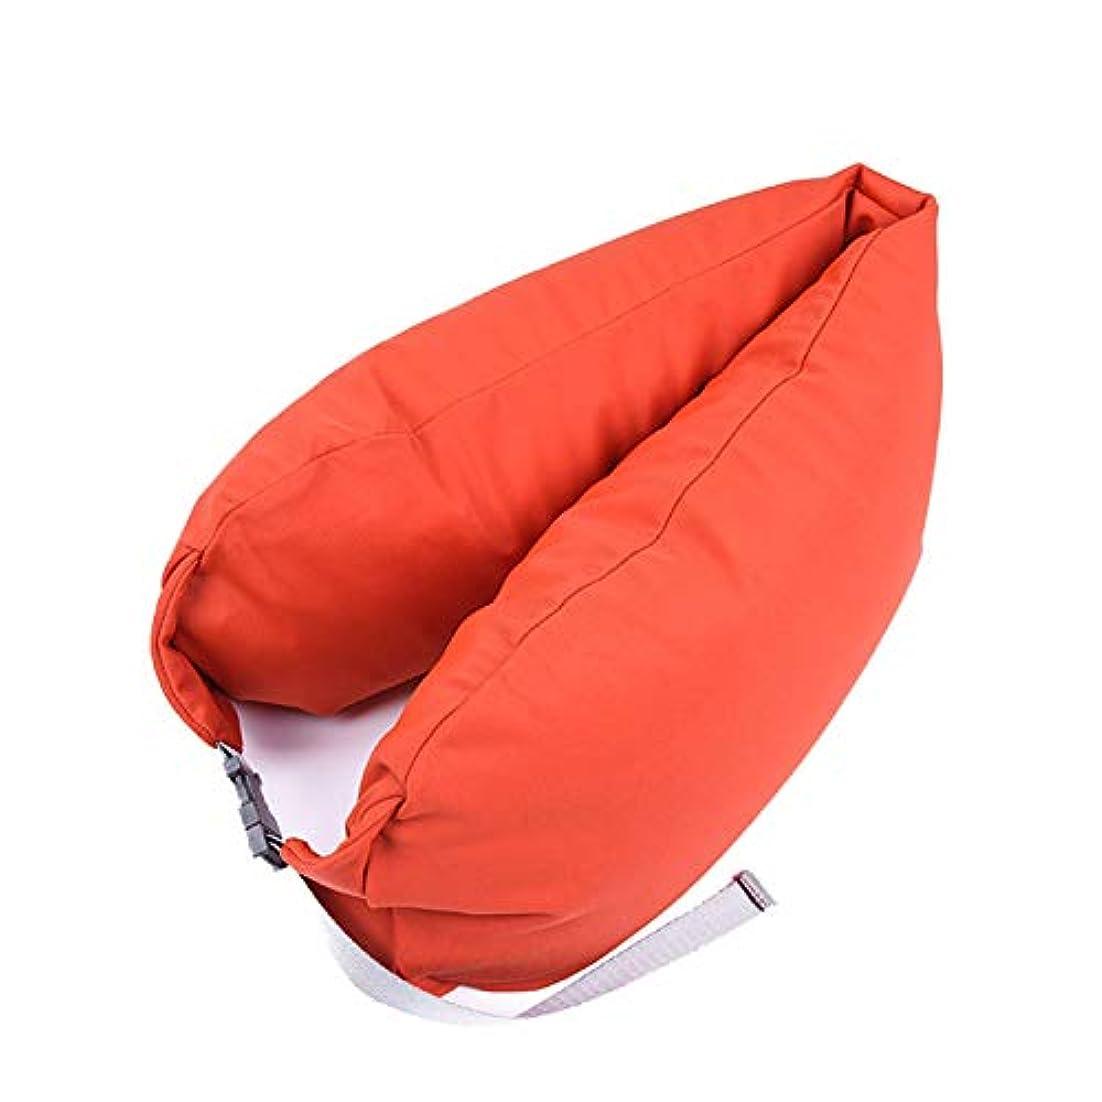 すなわち鼻肥沃なSMART ホームオフィス背もたれ椅子腰椎クッションカーシートネック枕 3D 低反発サポートバックマッサージウエストレスリビング枕 クッション 椅子